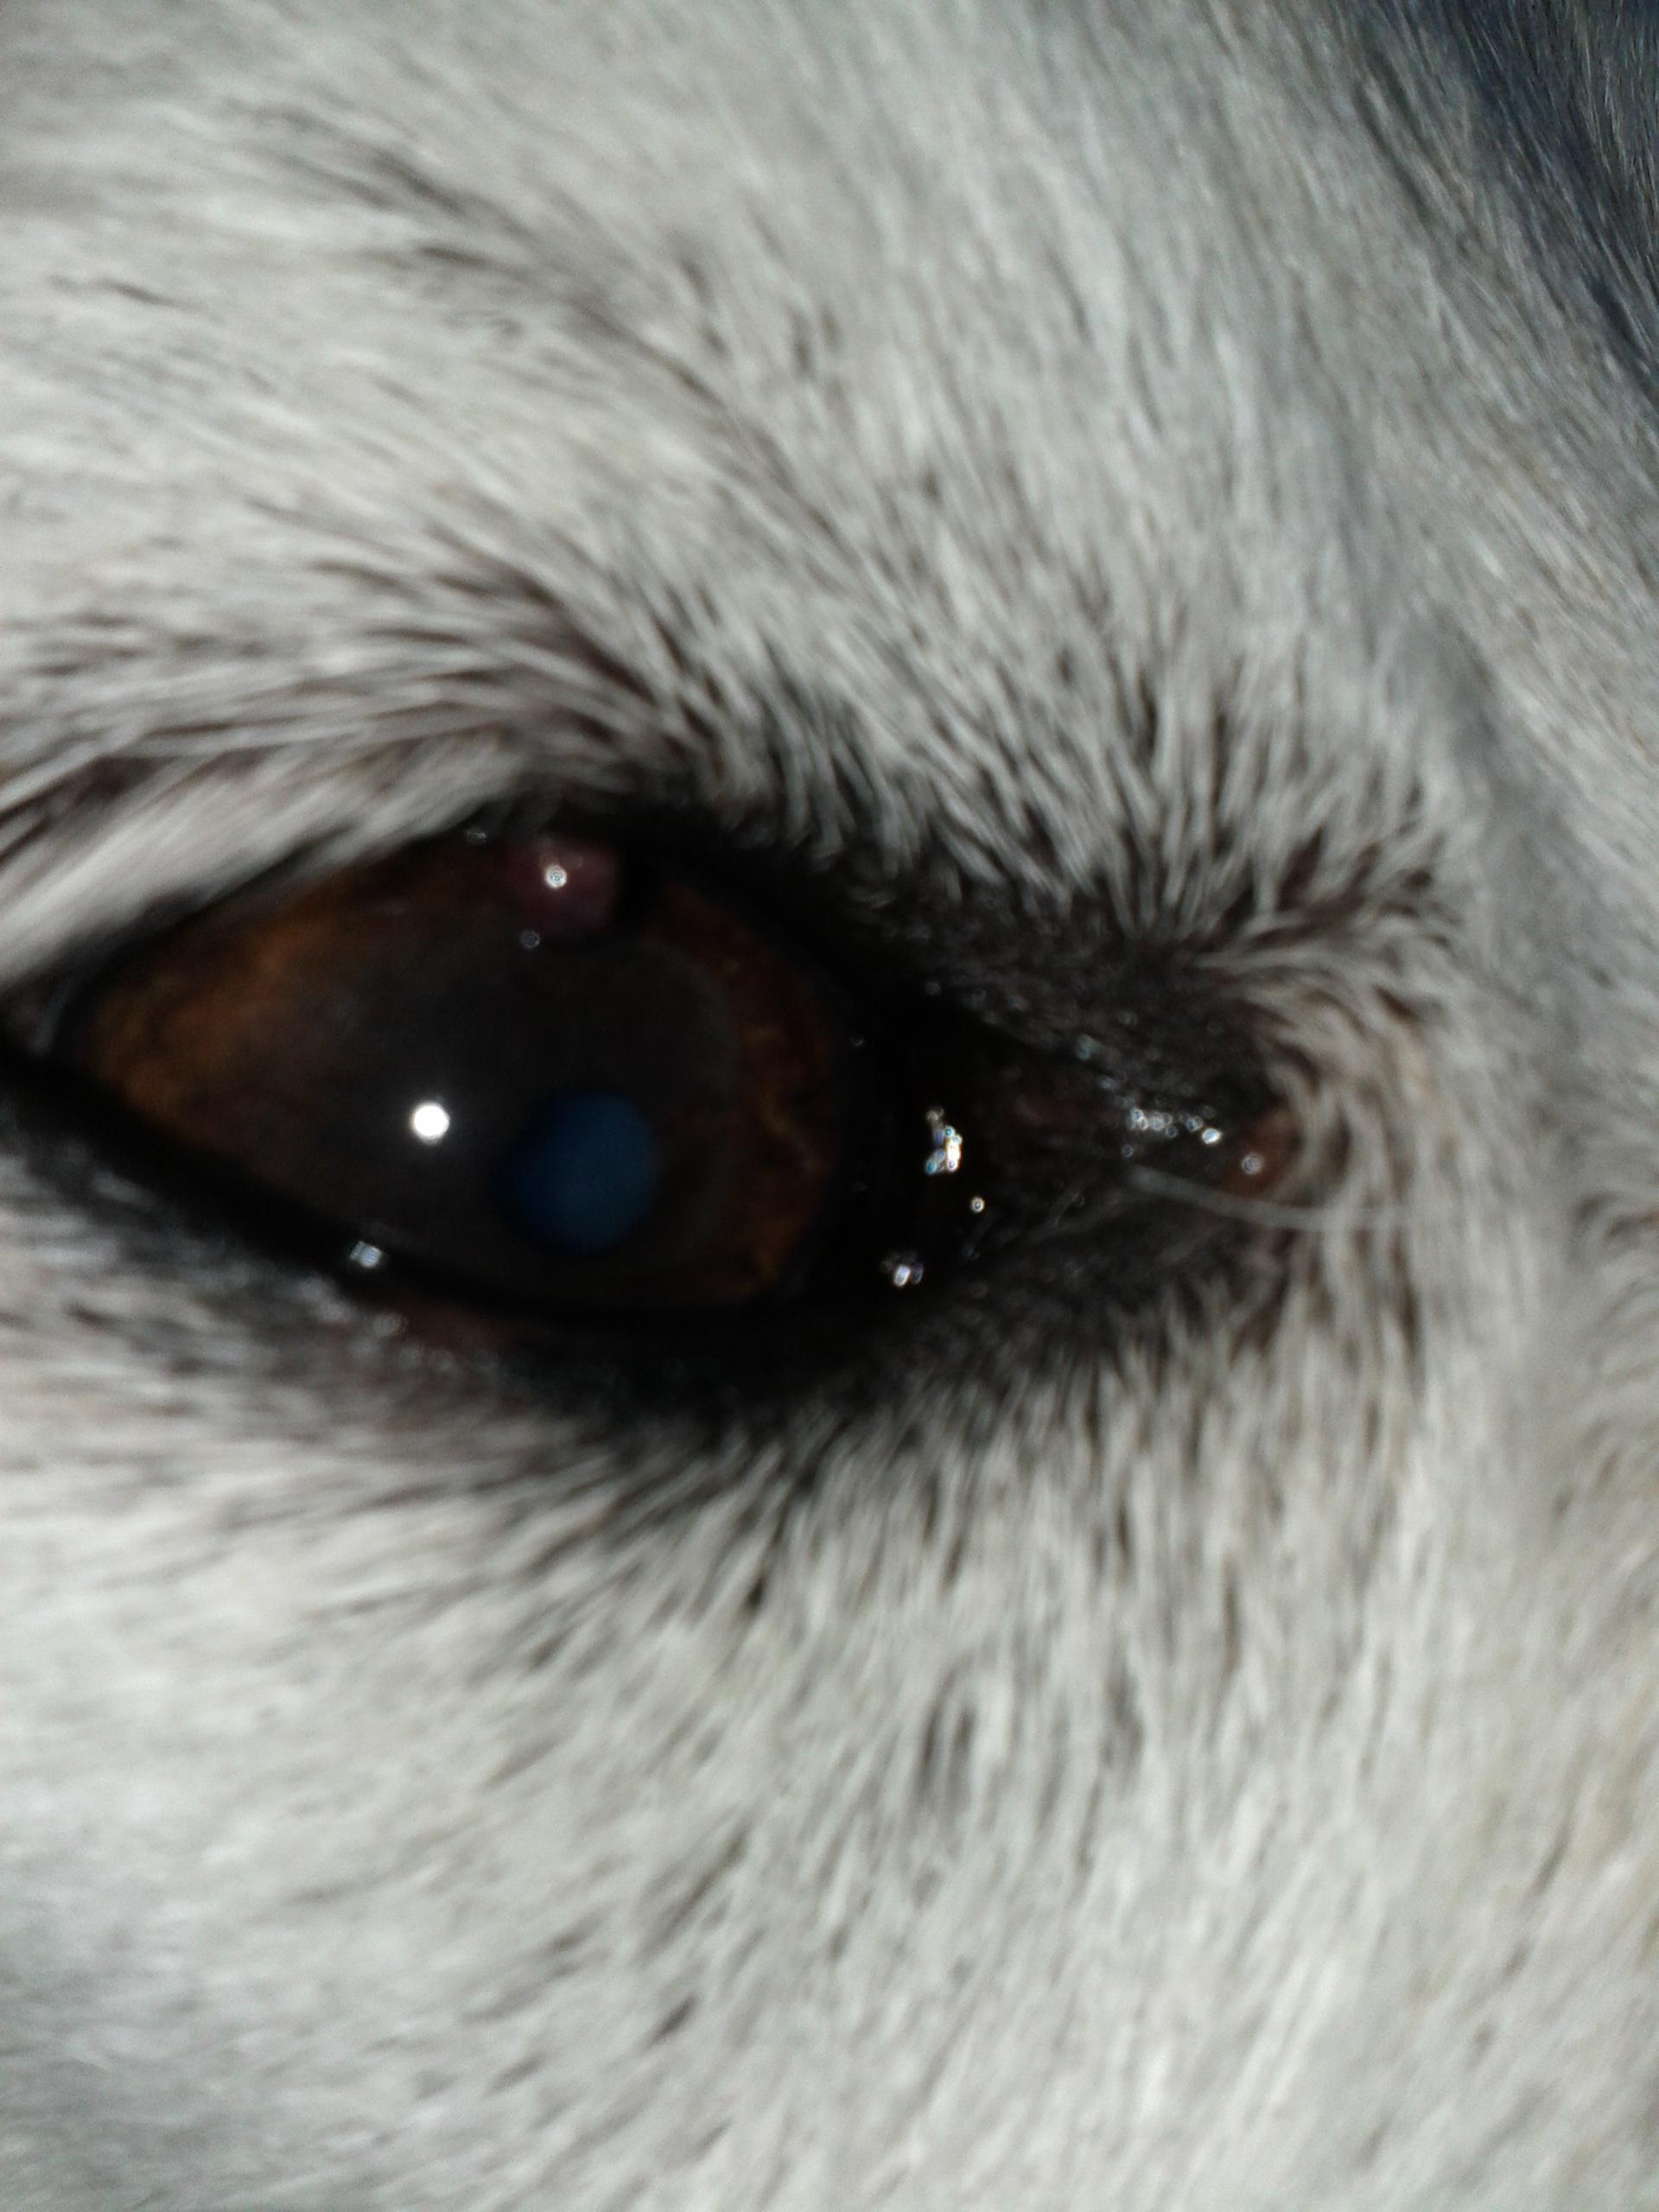 My dog has a little stye or cyst in his upper eyelid. I felt